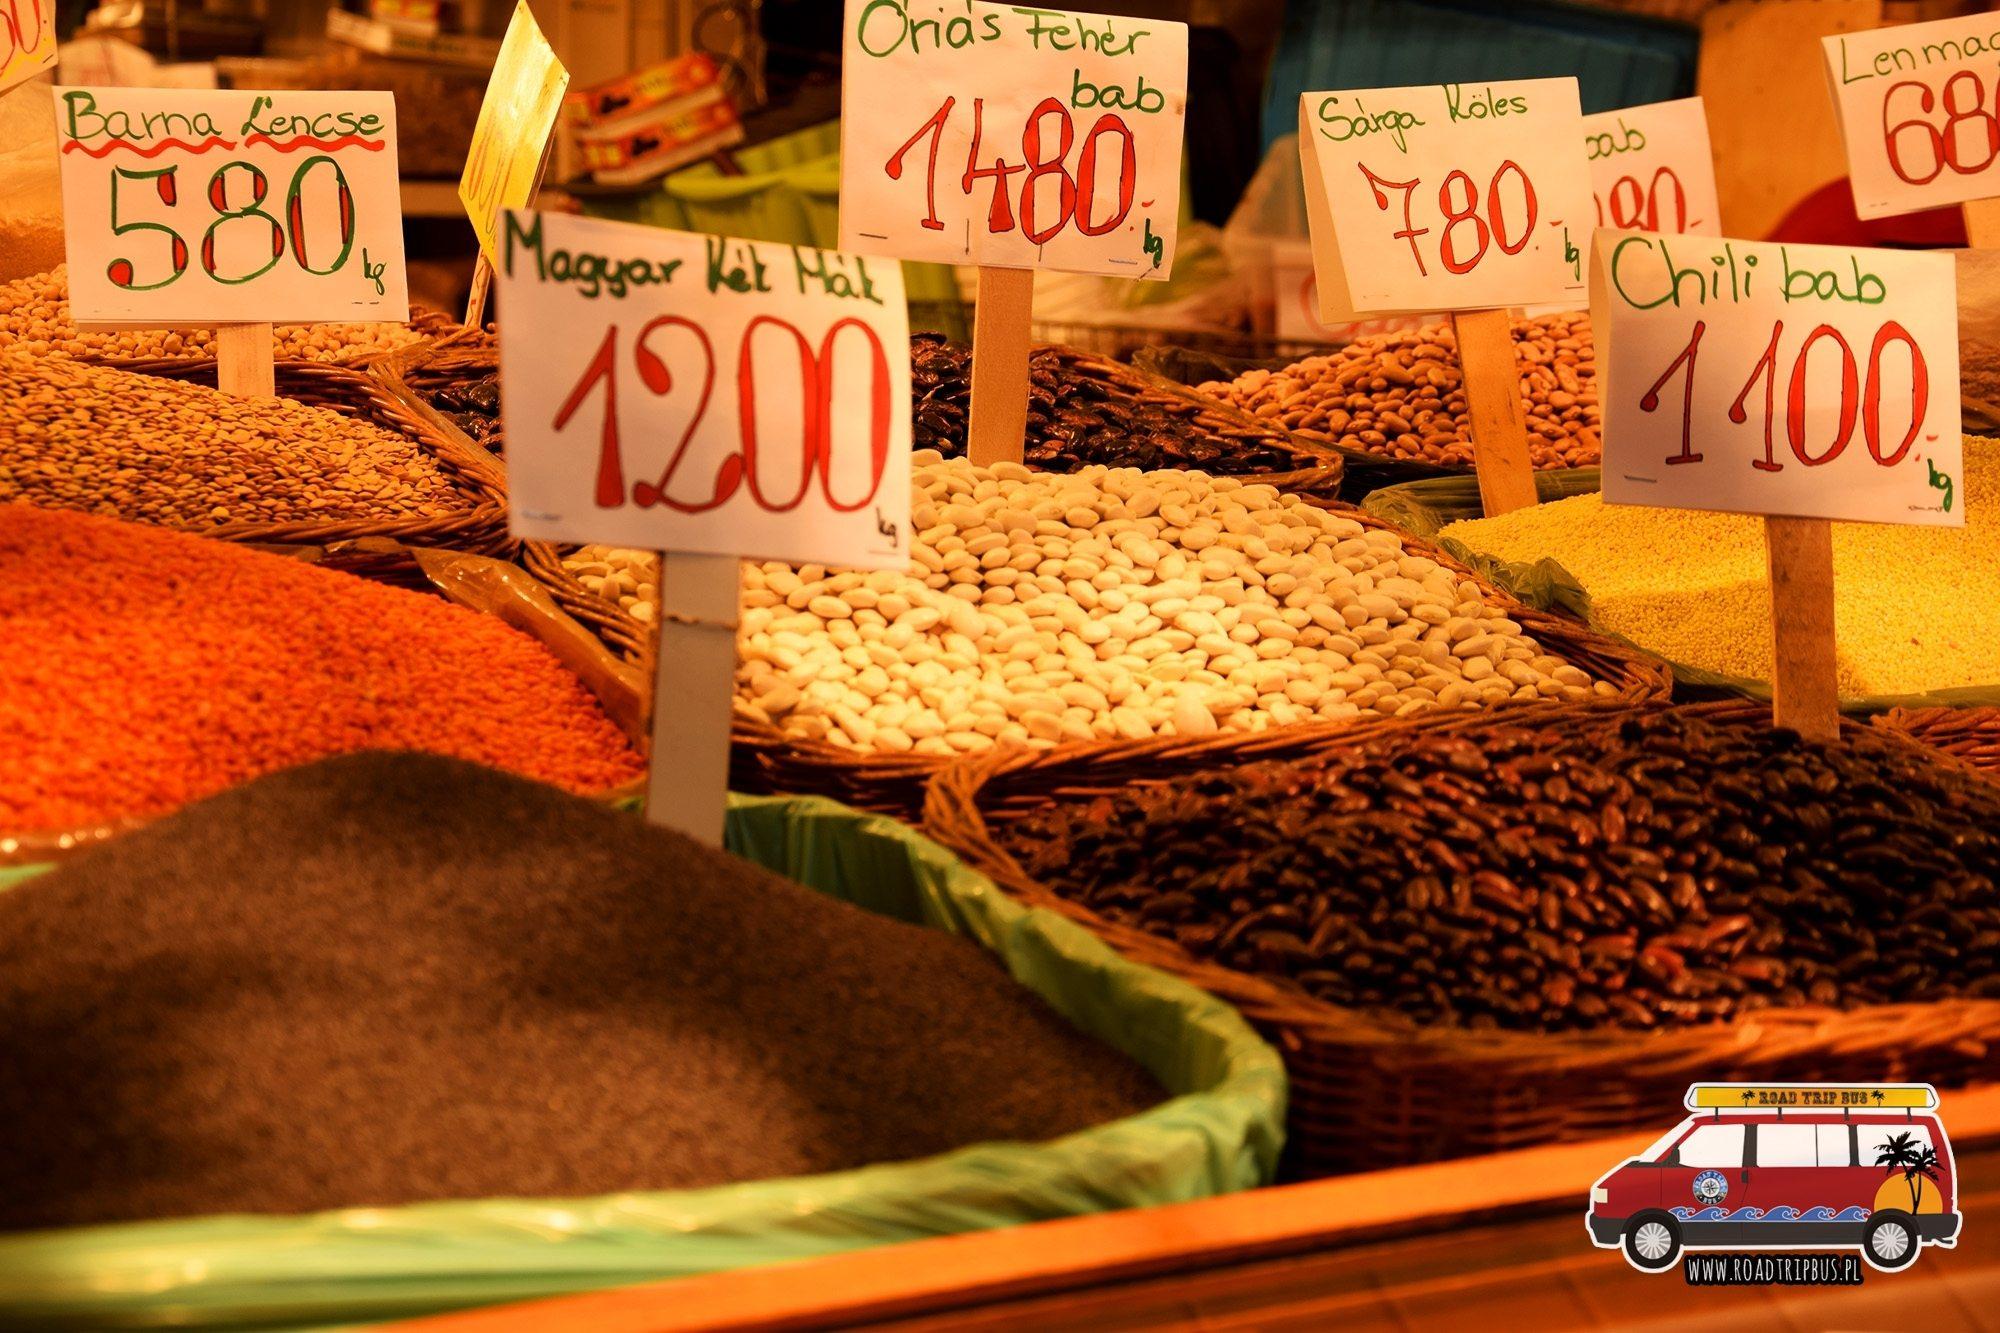 Ceny w Centralnej Hali Targowej w Budapeszcie